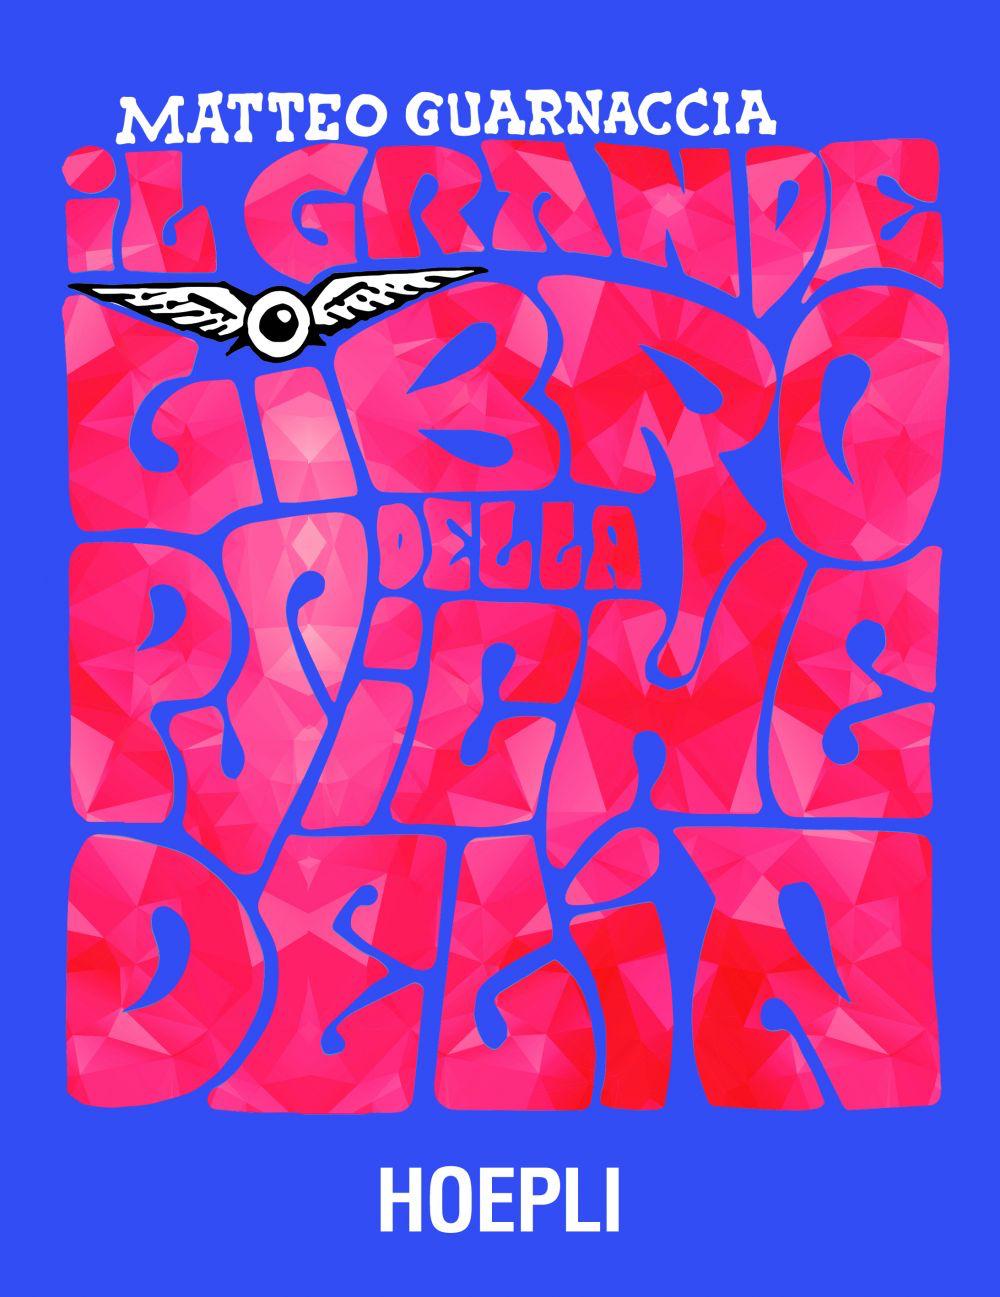 Matteo Guarnaccia  «Il grande libro della psichedelia» (Hoepli)